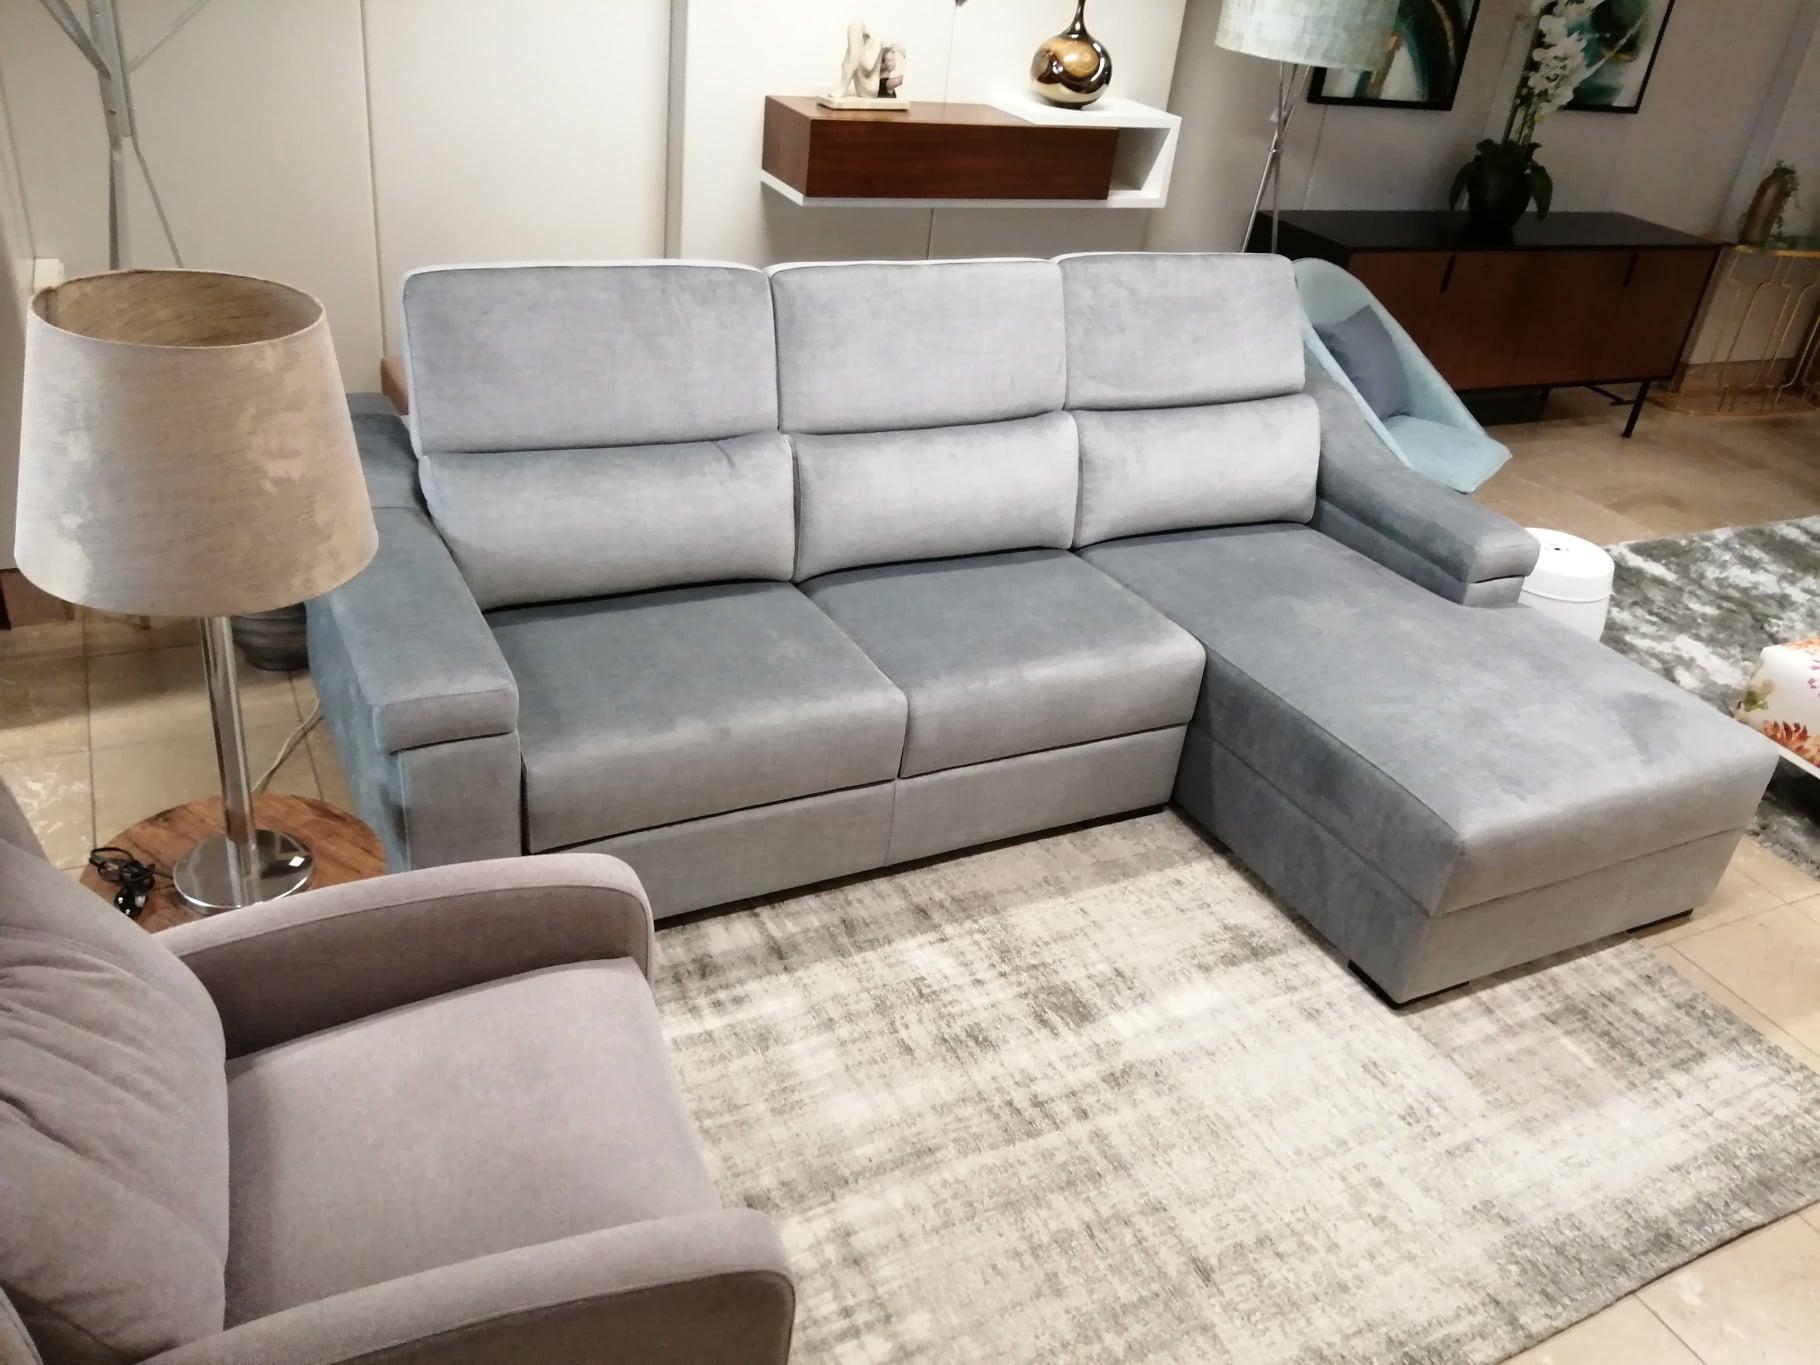 Sofa Chaise Lounge Veludo Cinza Miami